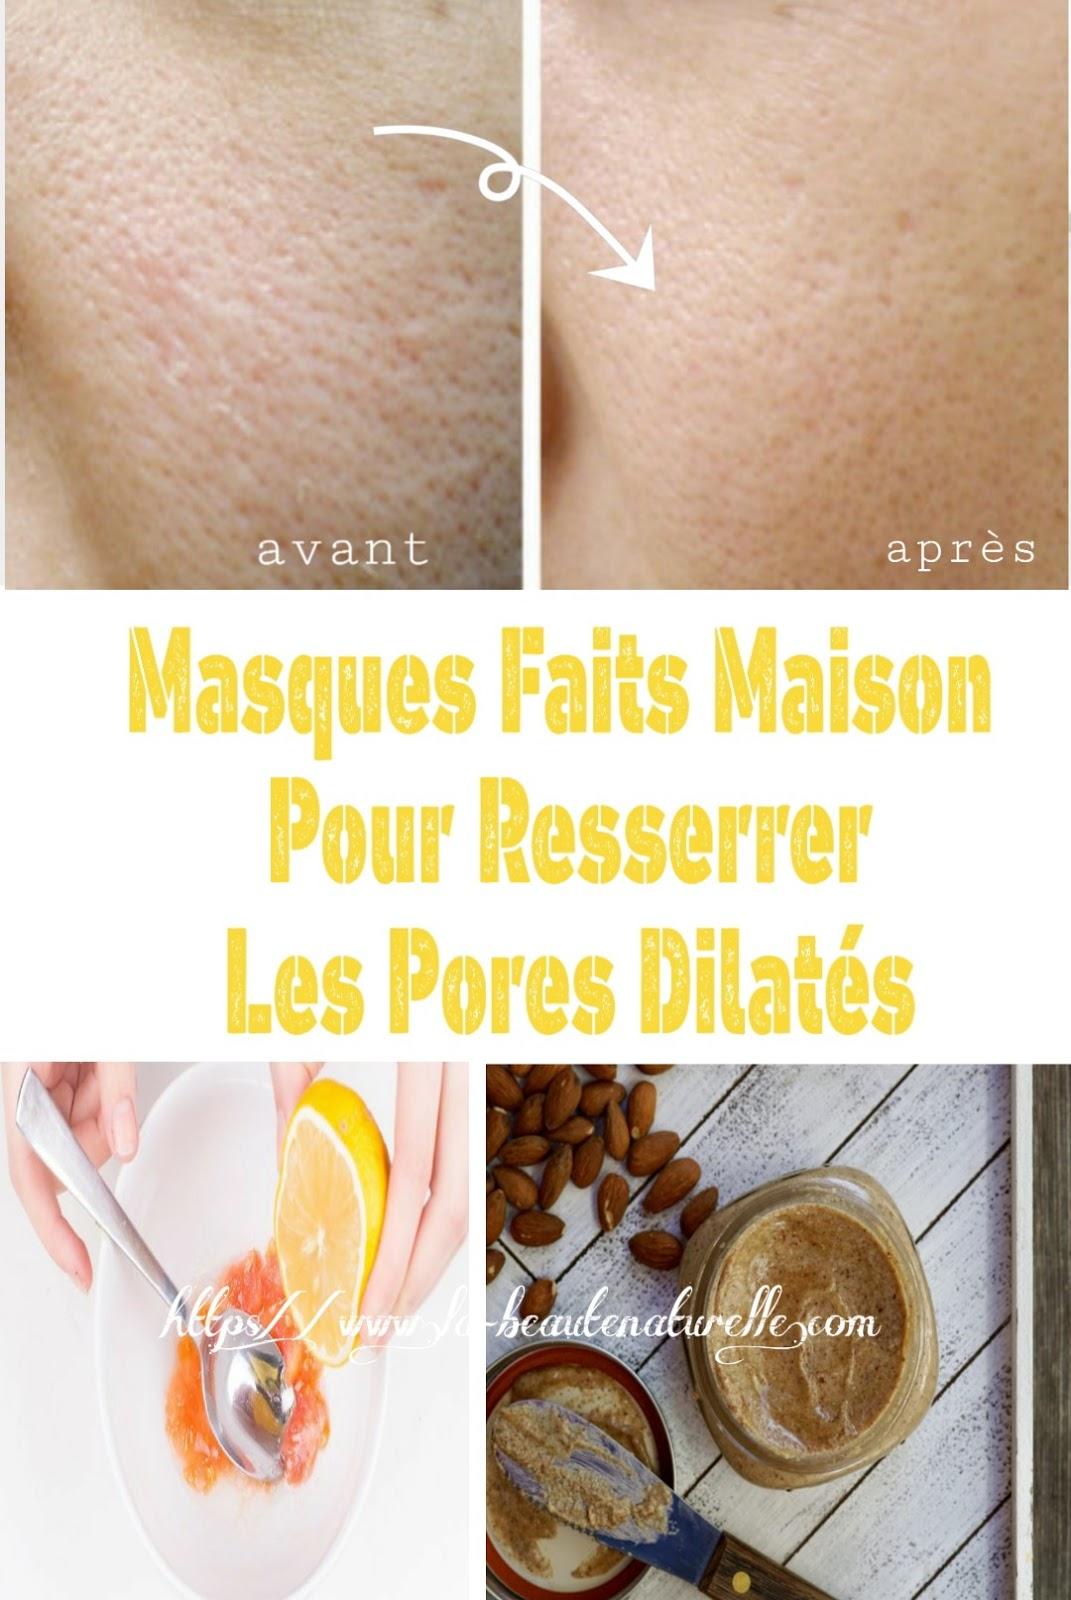 Masques Faits Maison Pour Resserrer Les Pores Dilatés